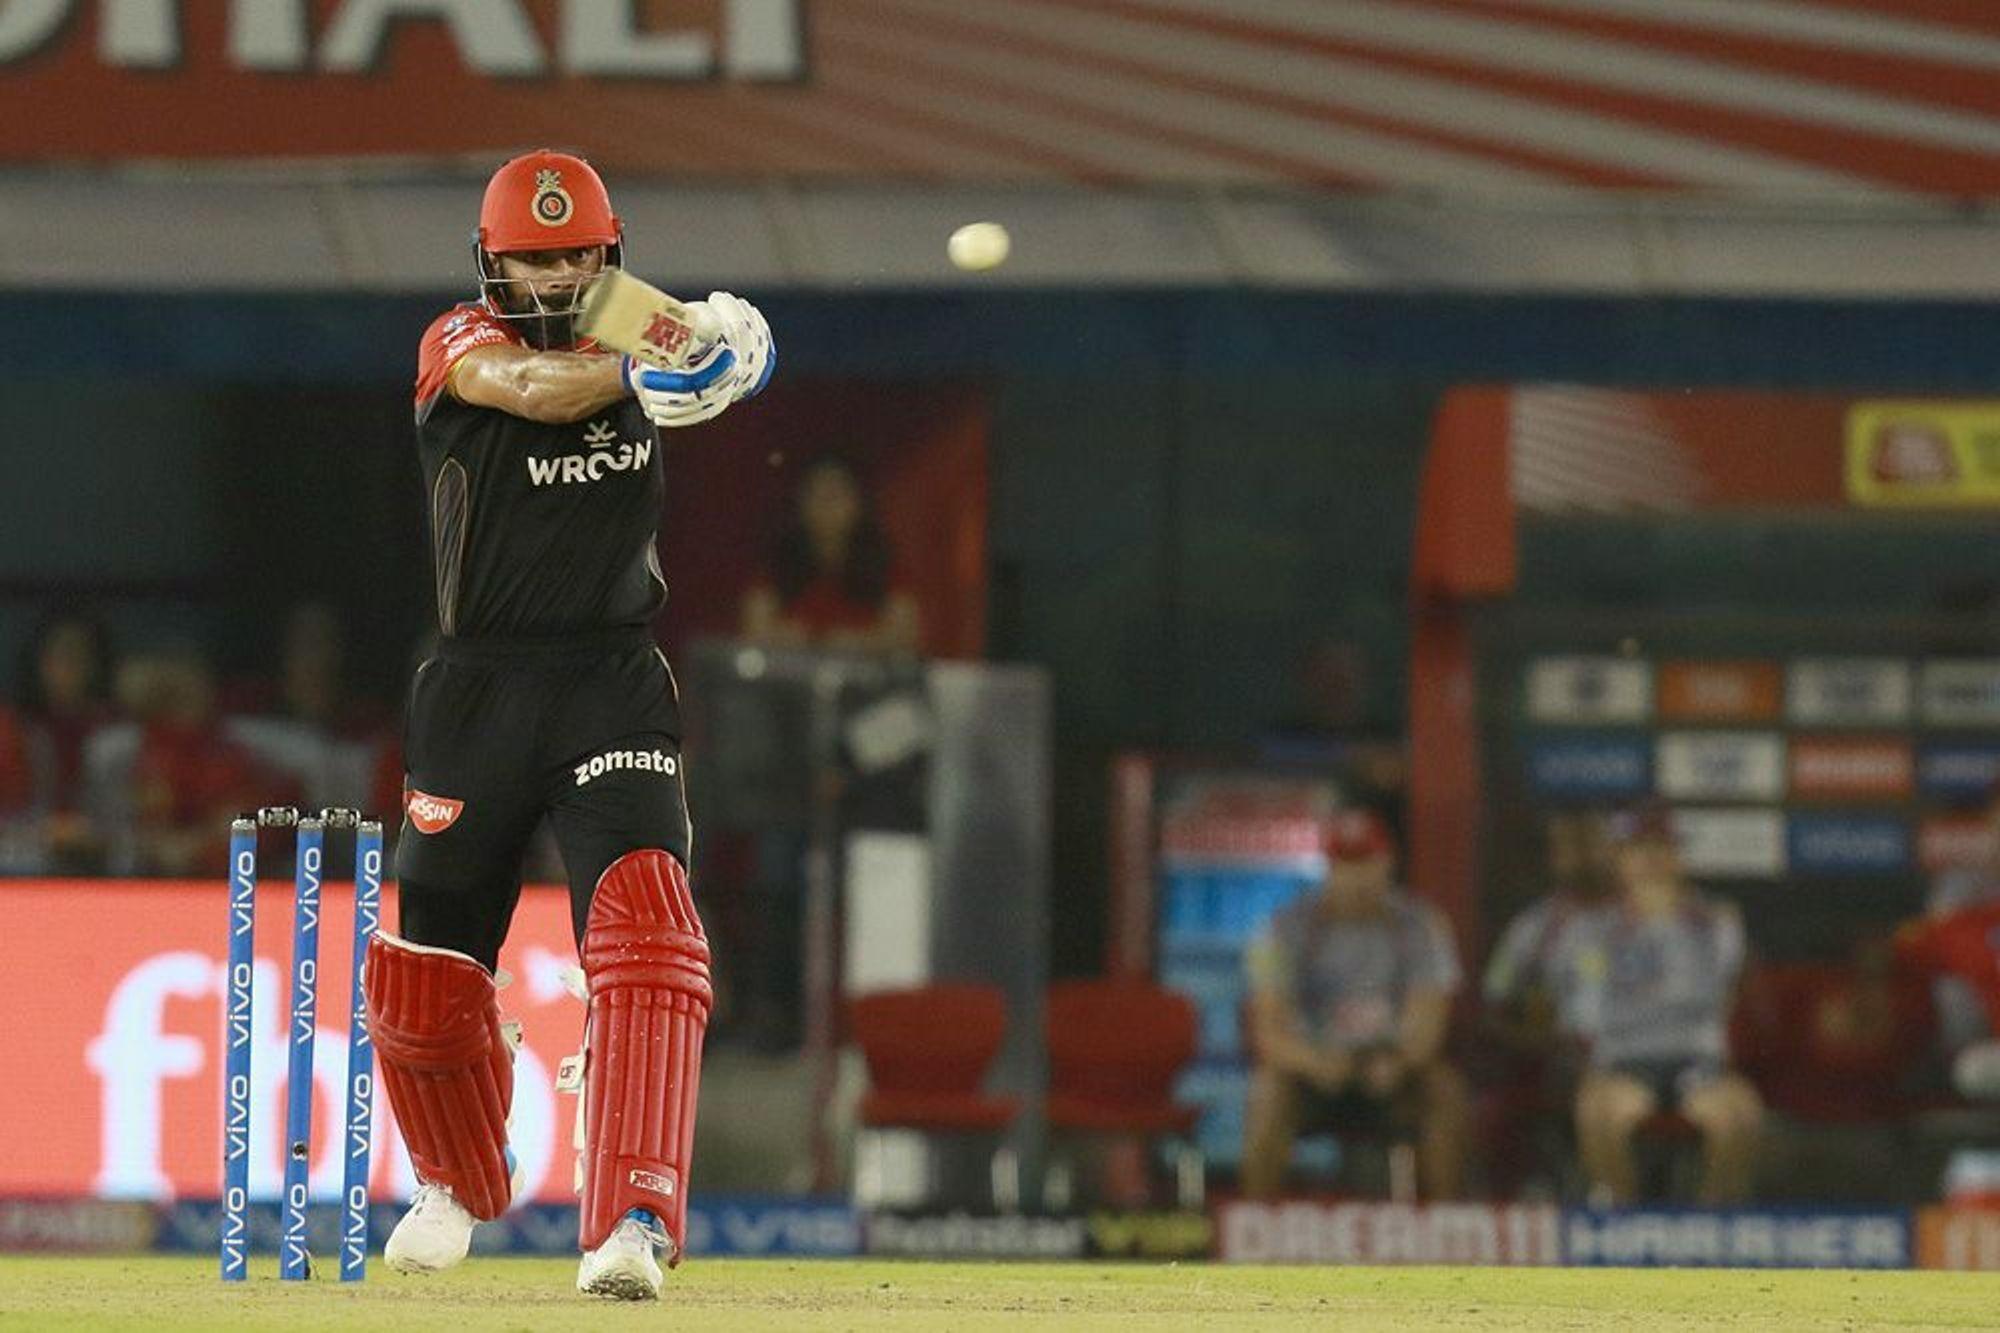 WATCH : पंजाब के खिलाफ कोहली को खेलने के मिले दो मौके, लेकिन फिर भी बना पाये मात्र 13 रन 2